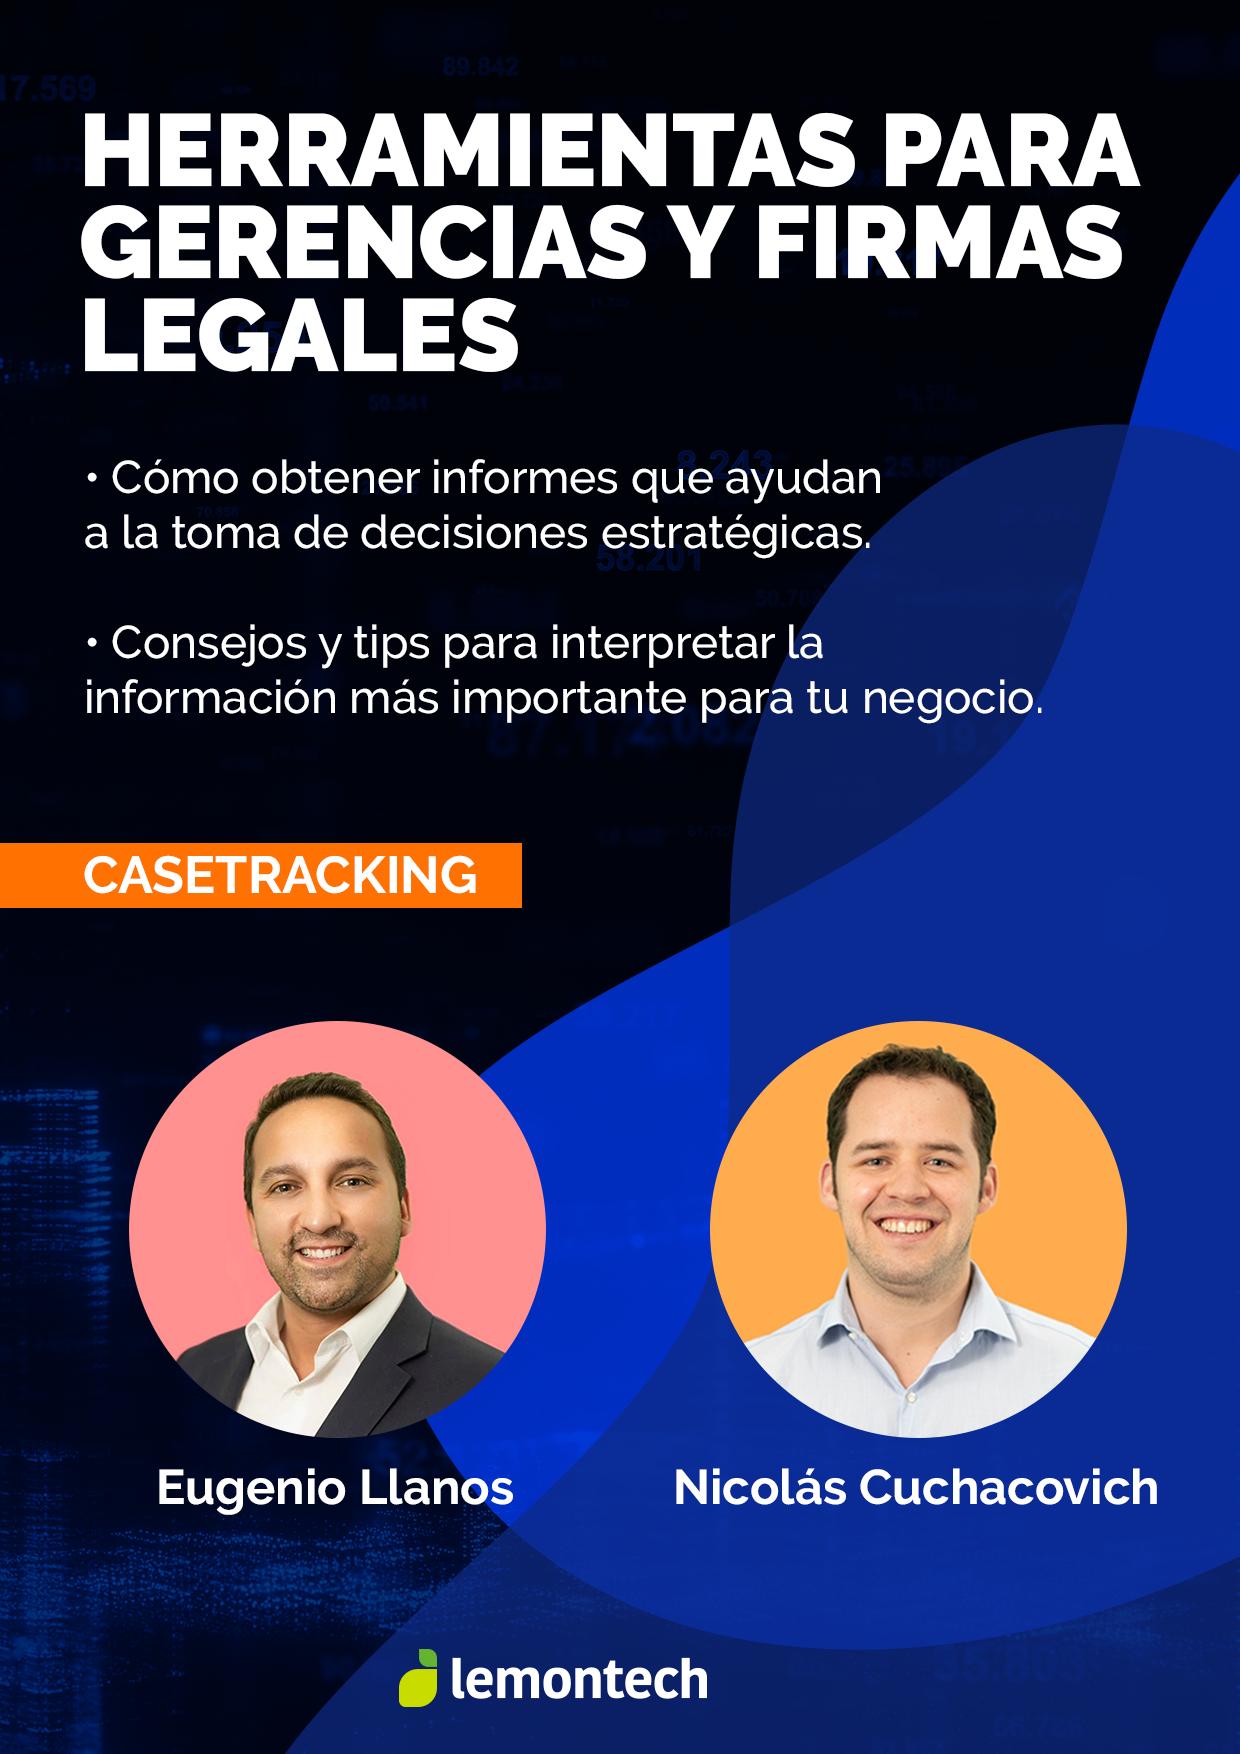 Webinar: Herramientas para gerencias y firmas legales